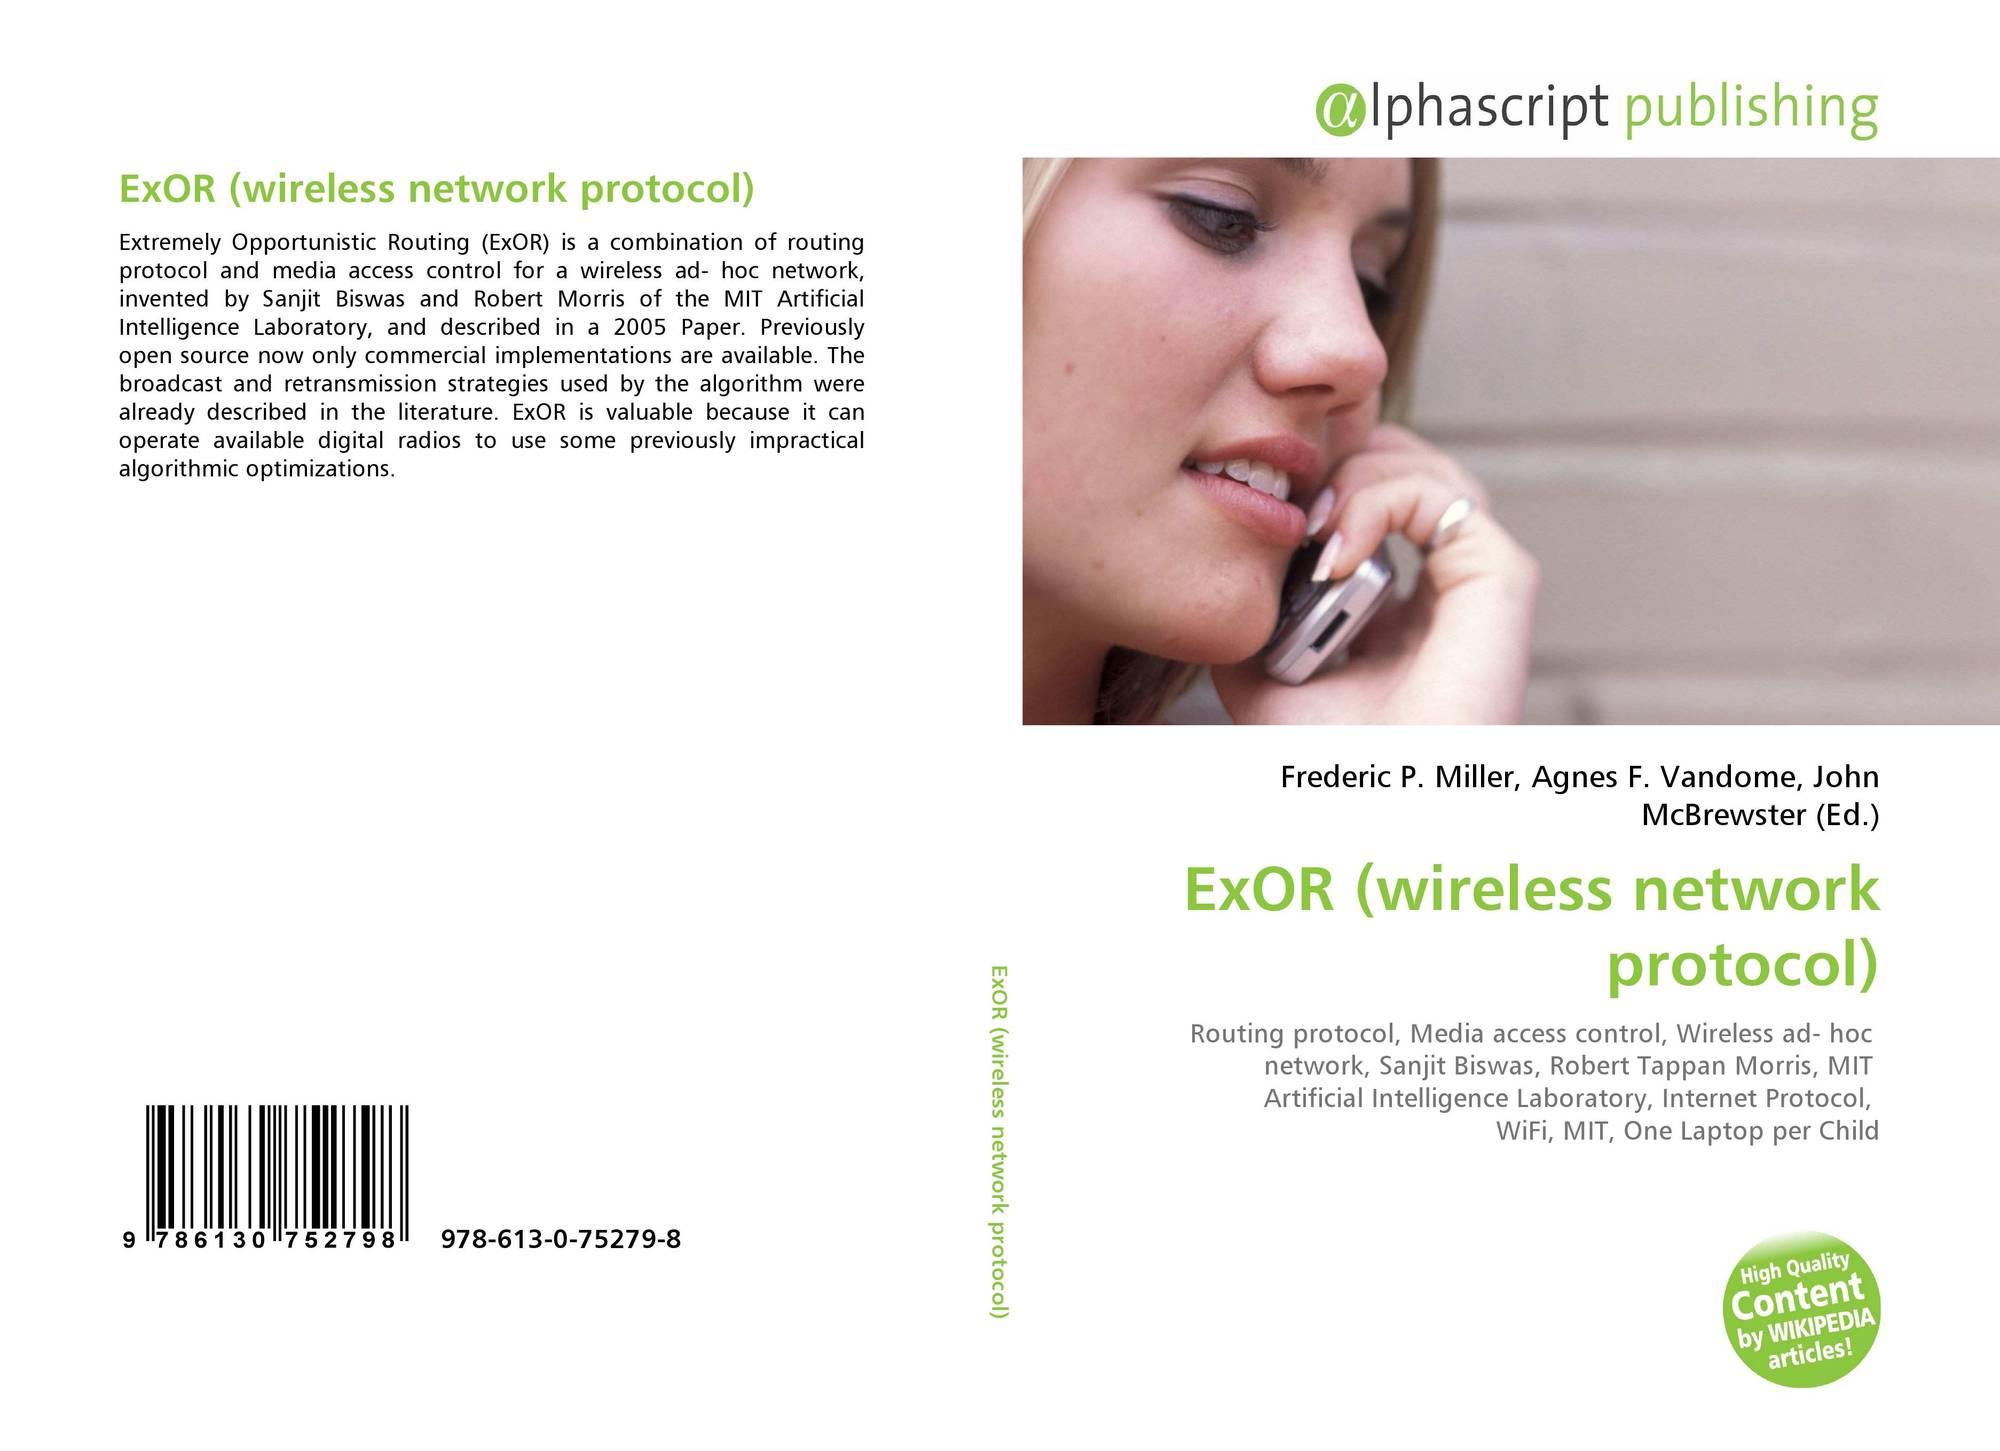 ExOR (wireless network protocol), 978-613-0-75279-8